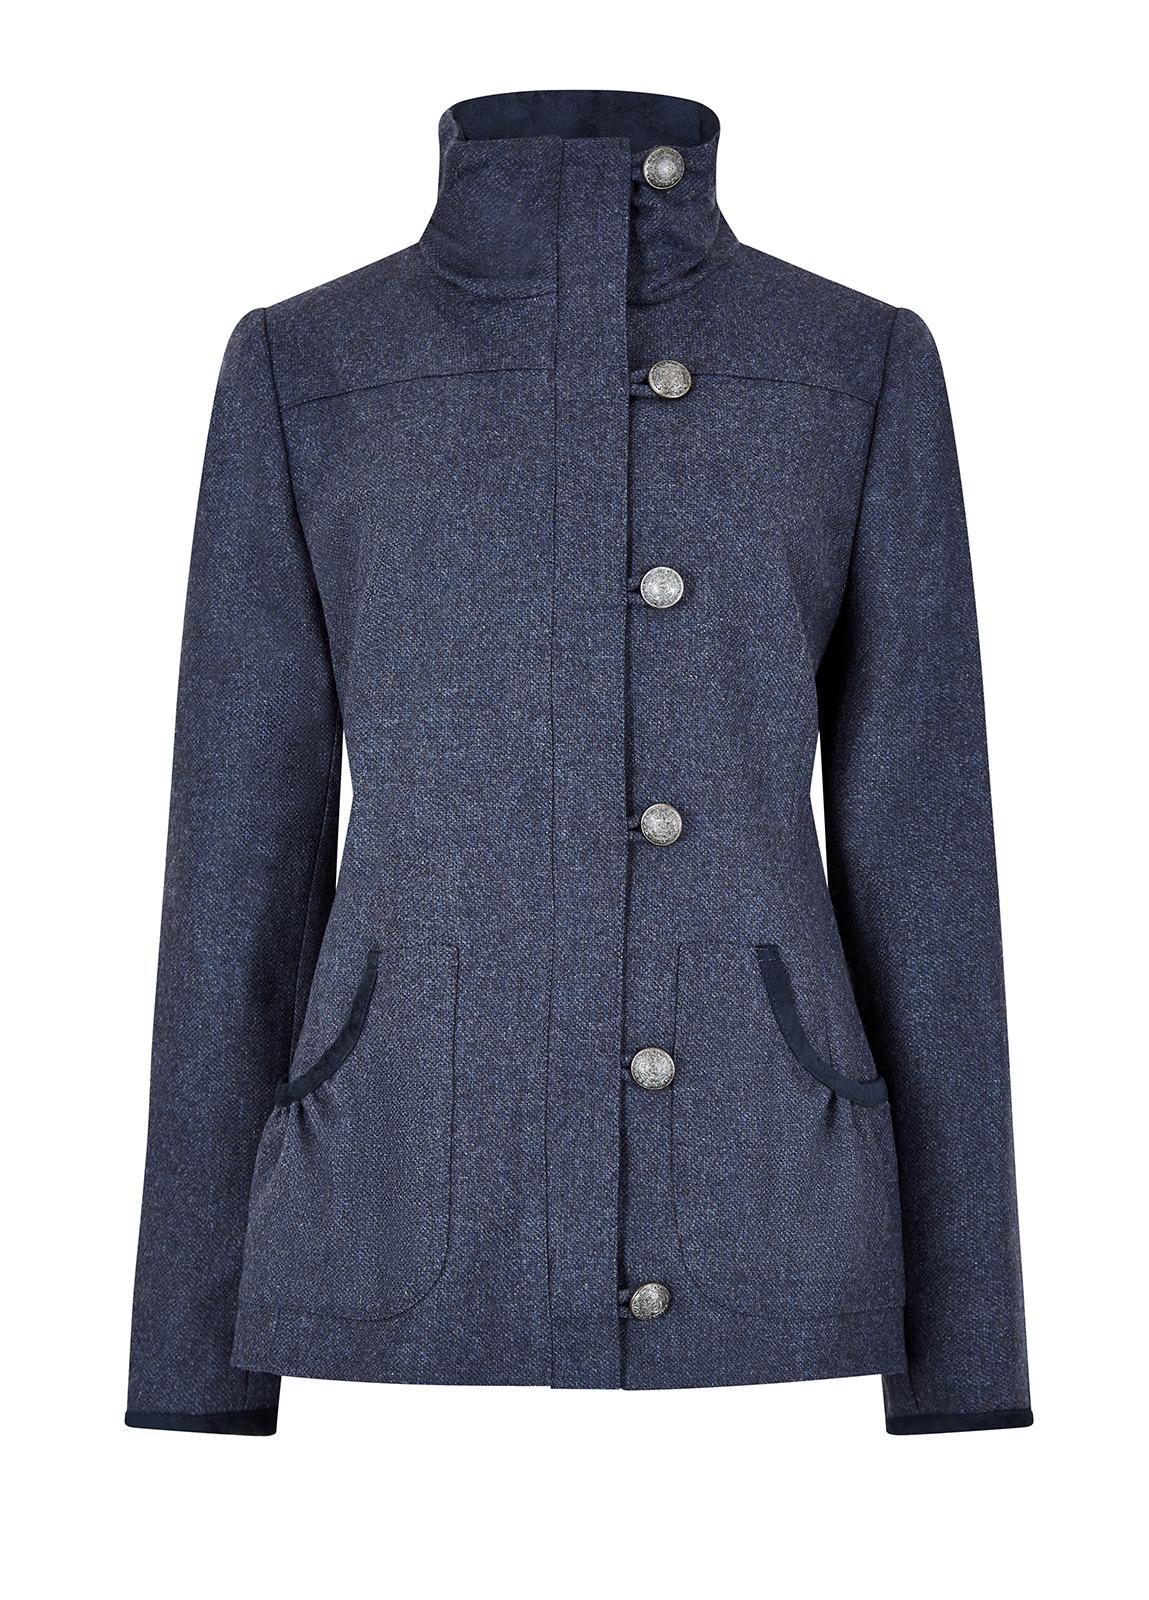 Dubarry_Bracken Tweed Coat - Denim_Image_2